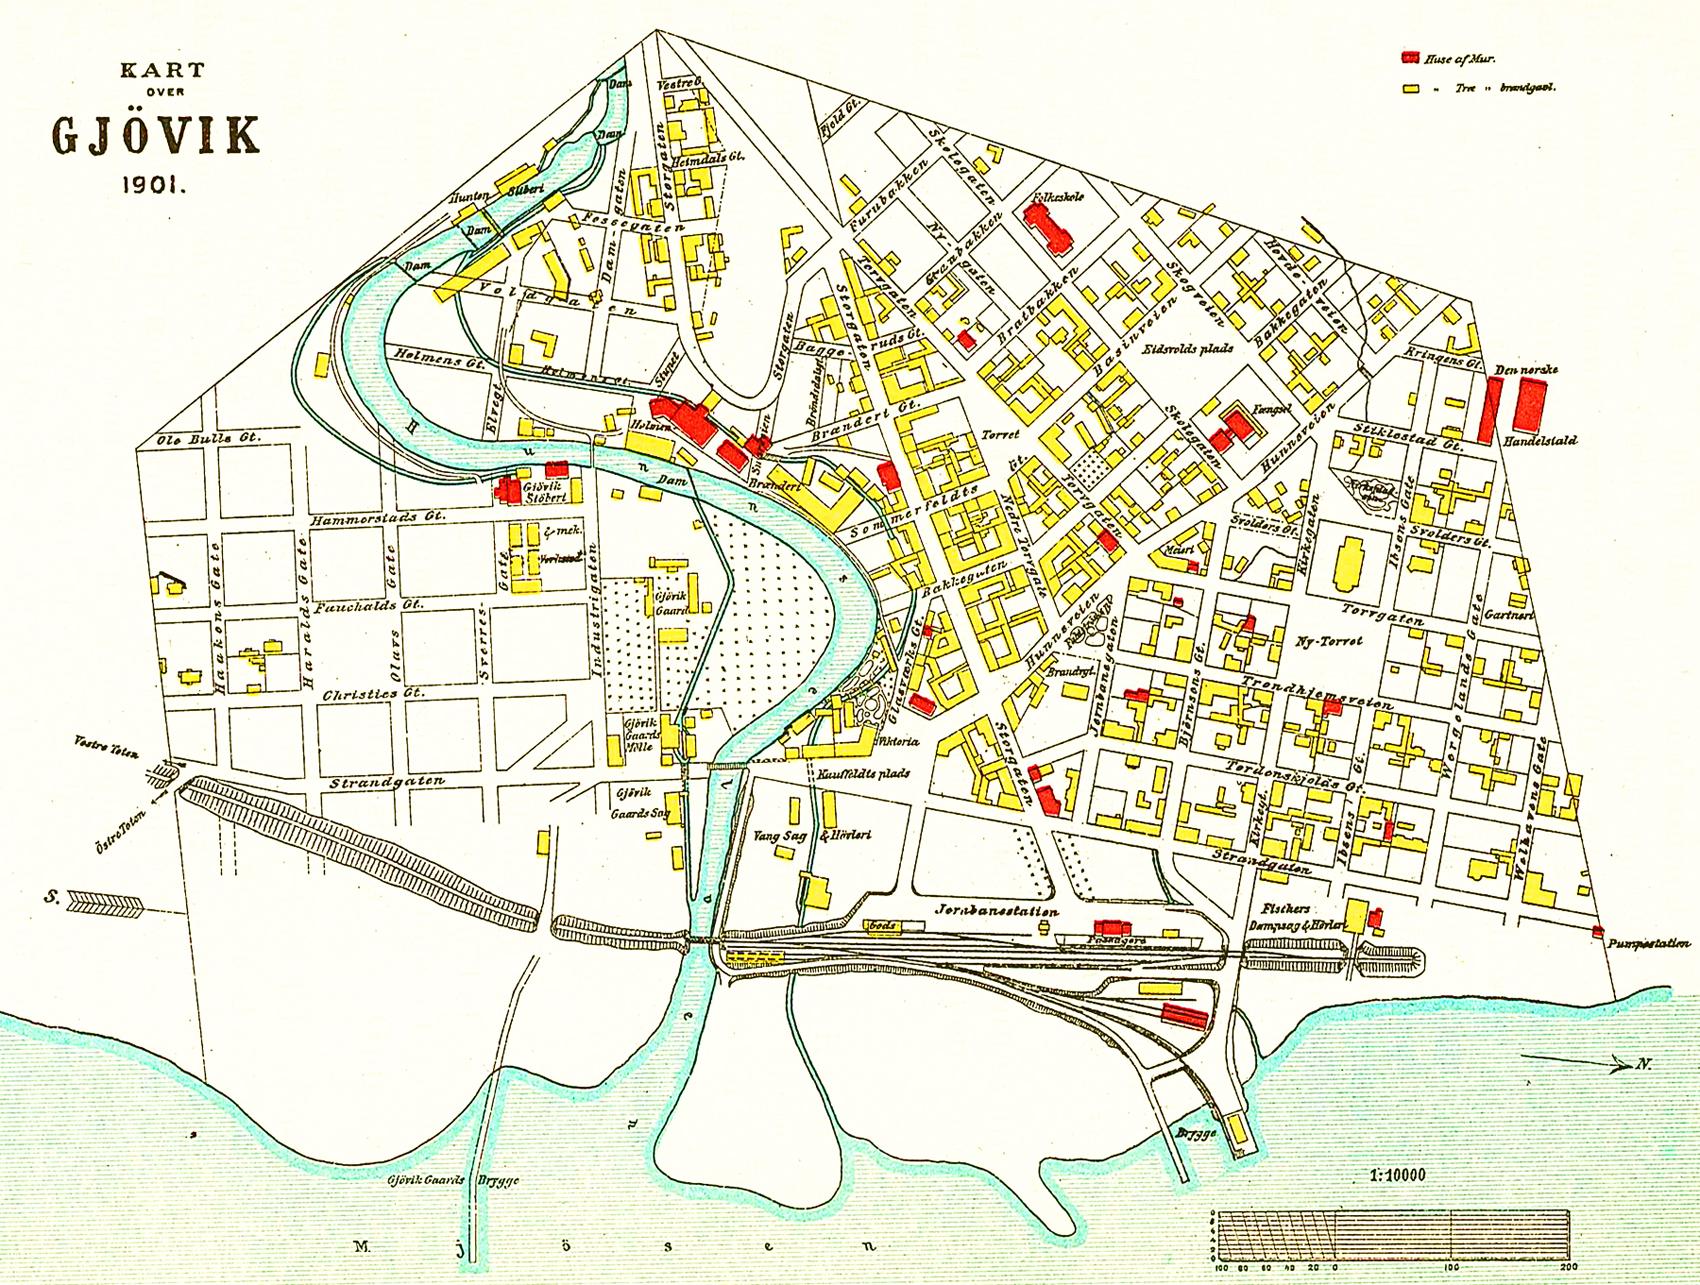 kart gjøvik Fil:Gjøvik map 1901. – Wikipedia kart gjøvik